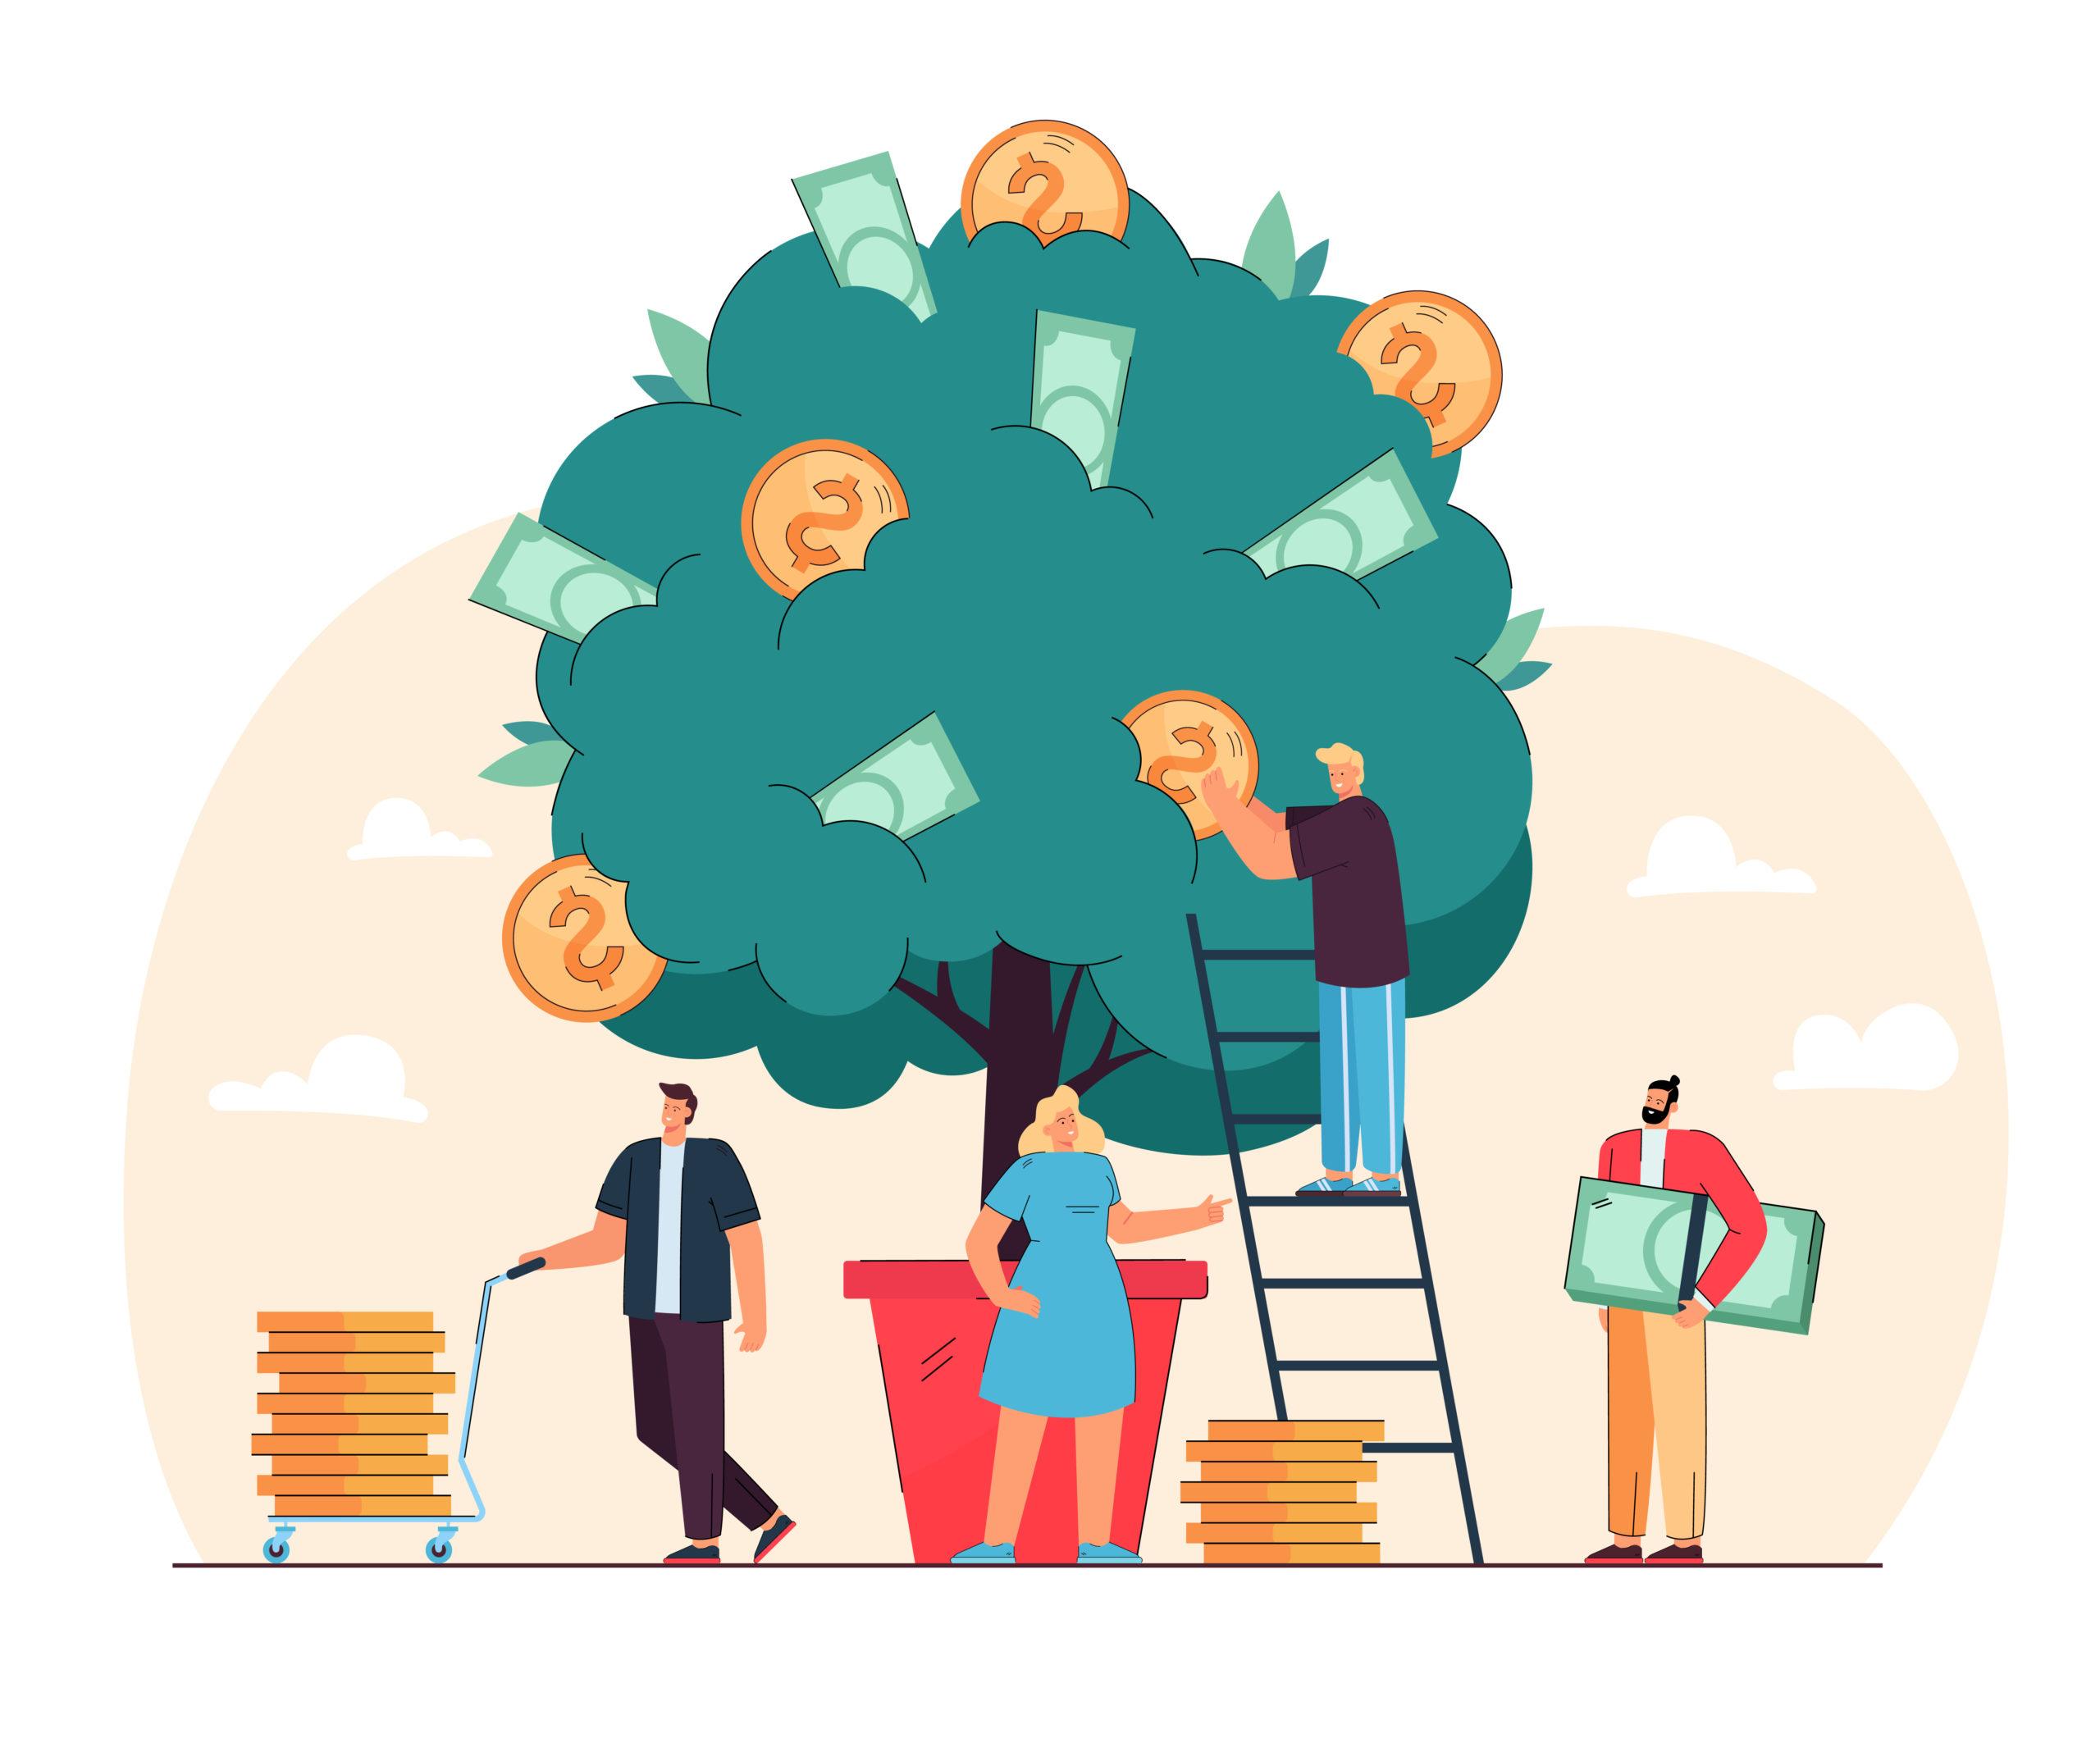 Những lưu ý khi làm hợp đồng góp vốn kinh doanh 03